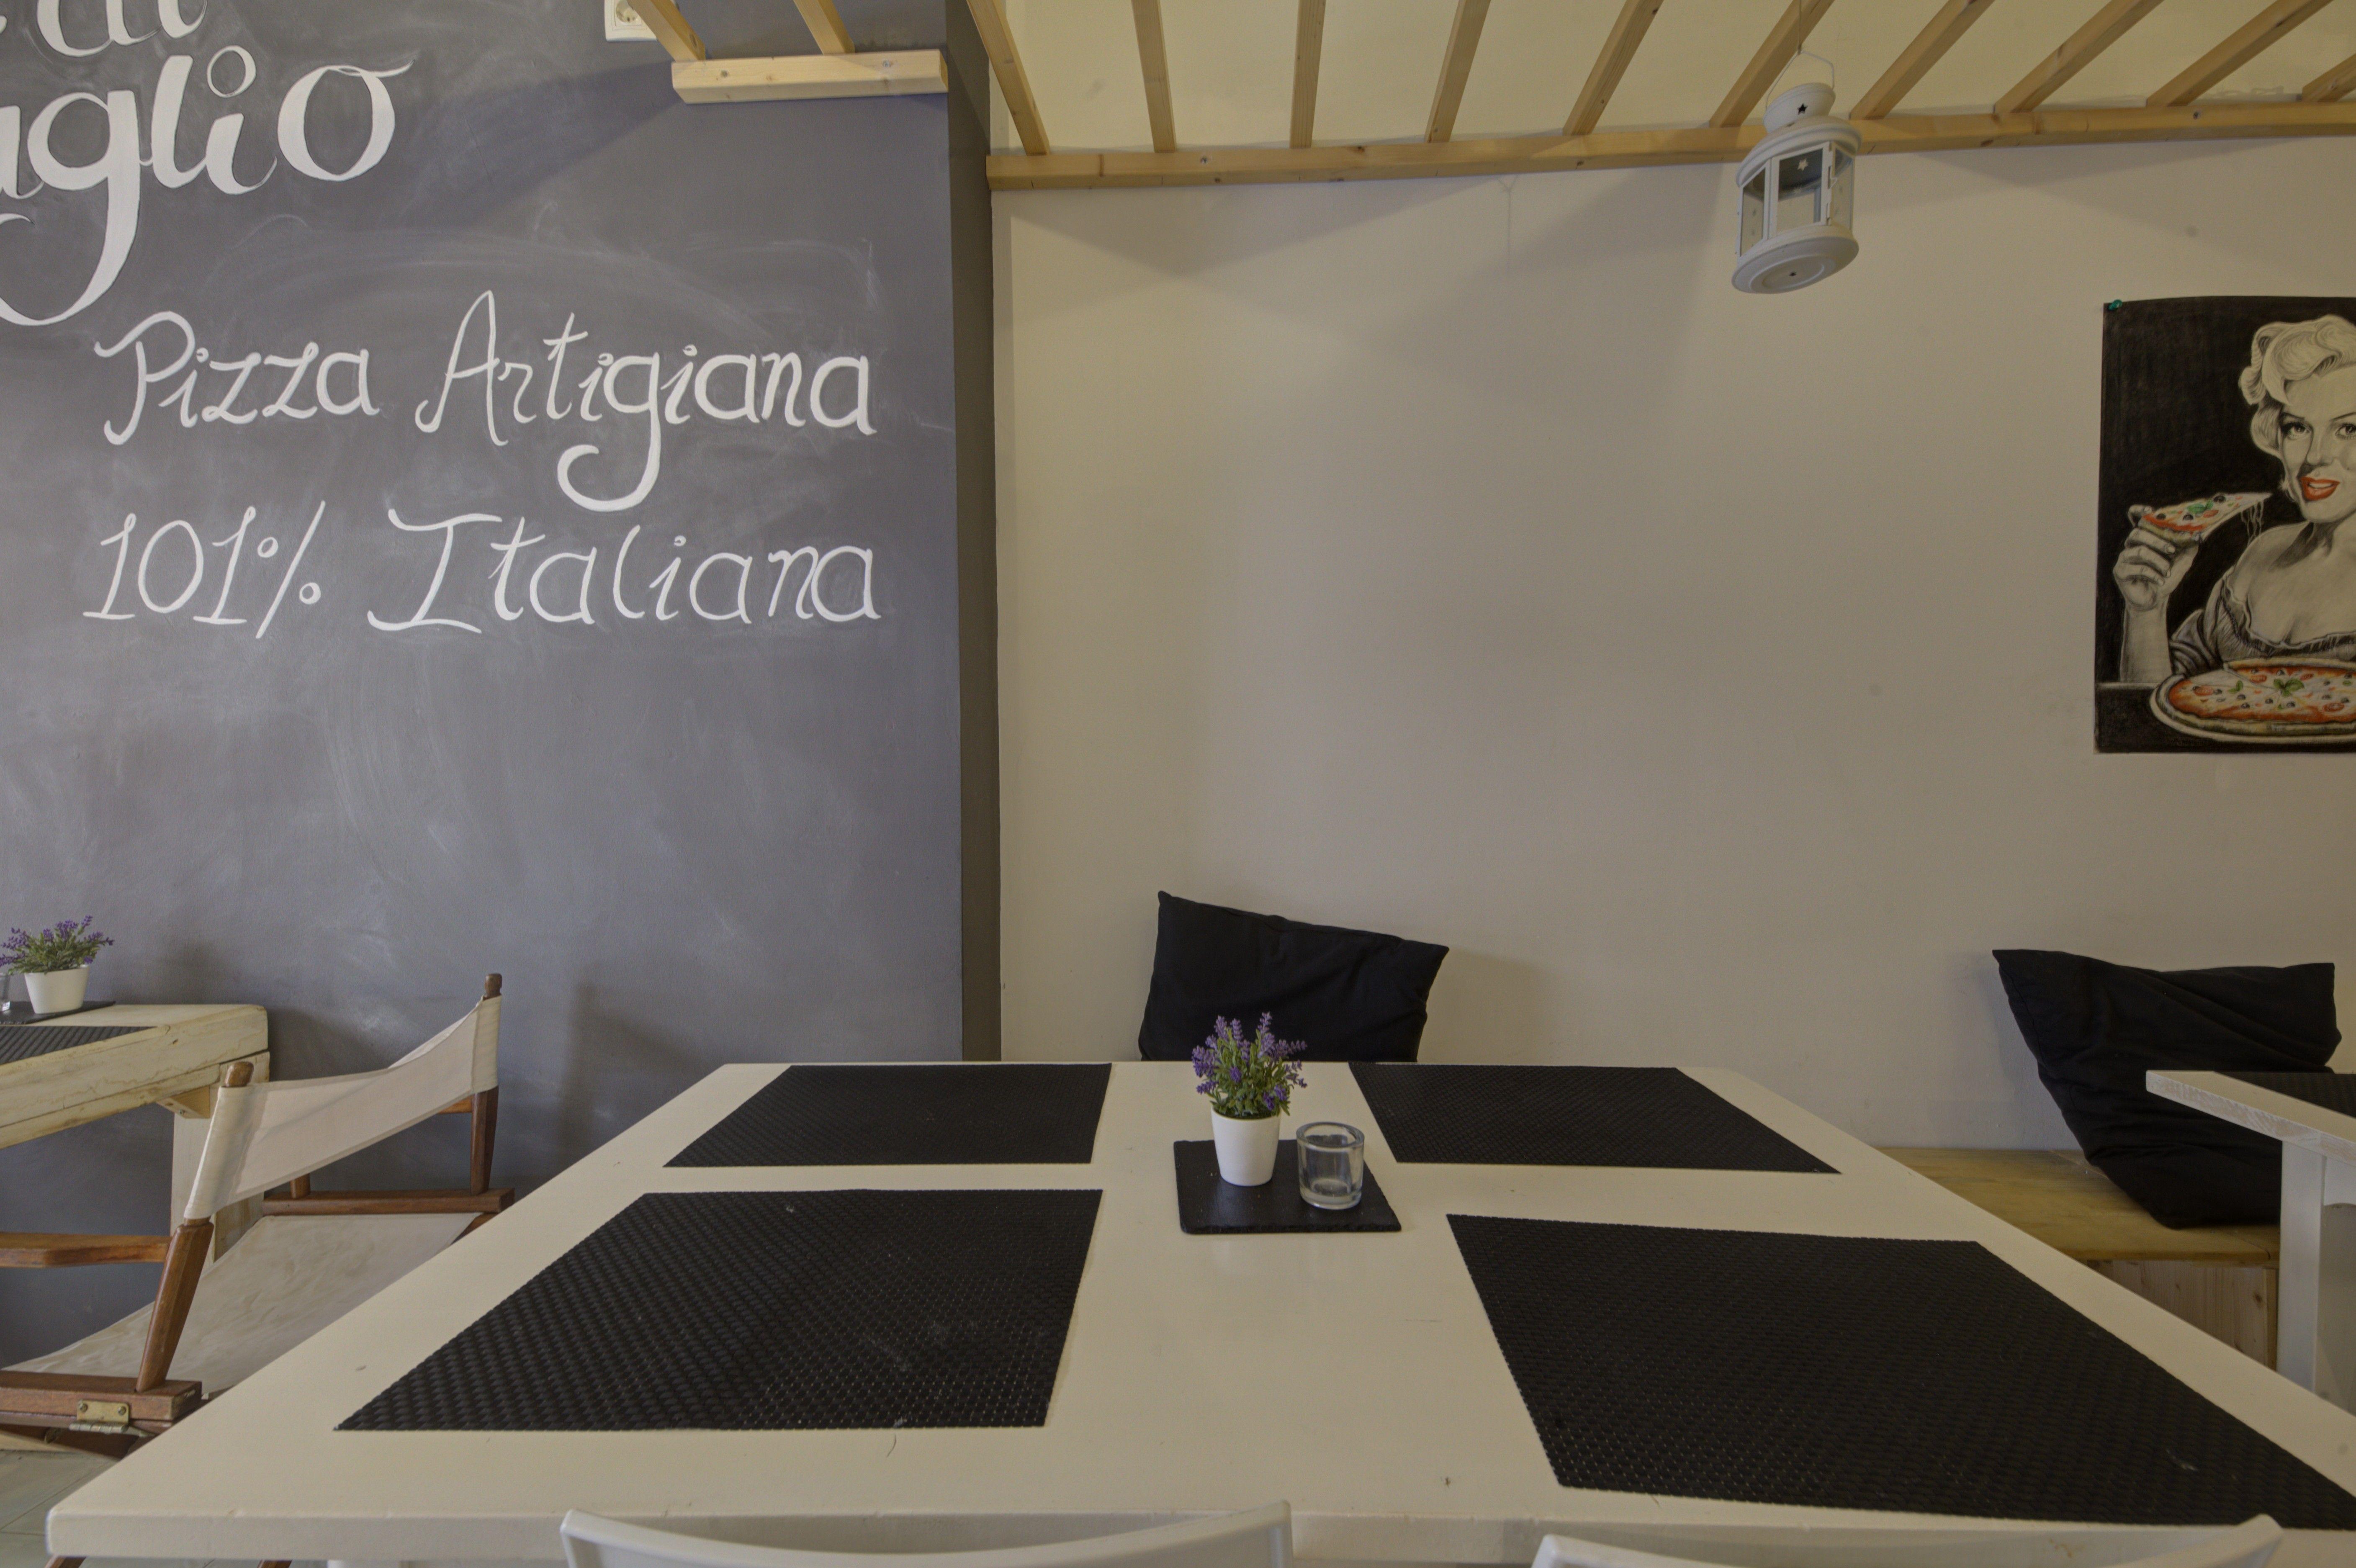 Productos frescos Al Taglio en Mallorca